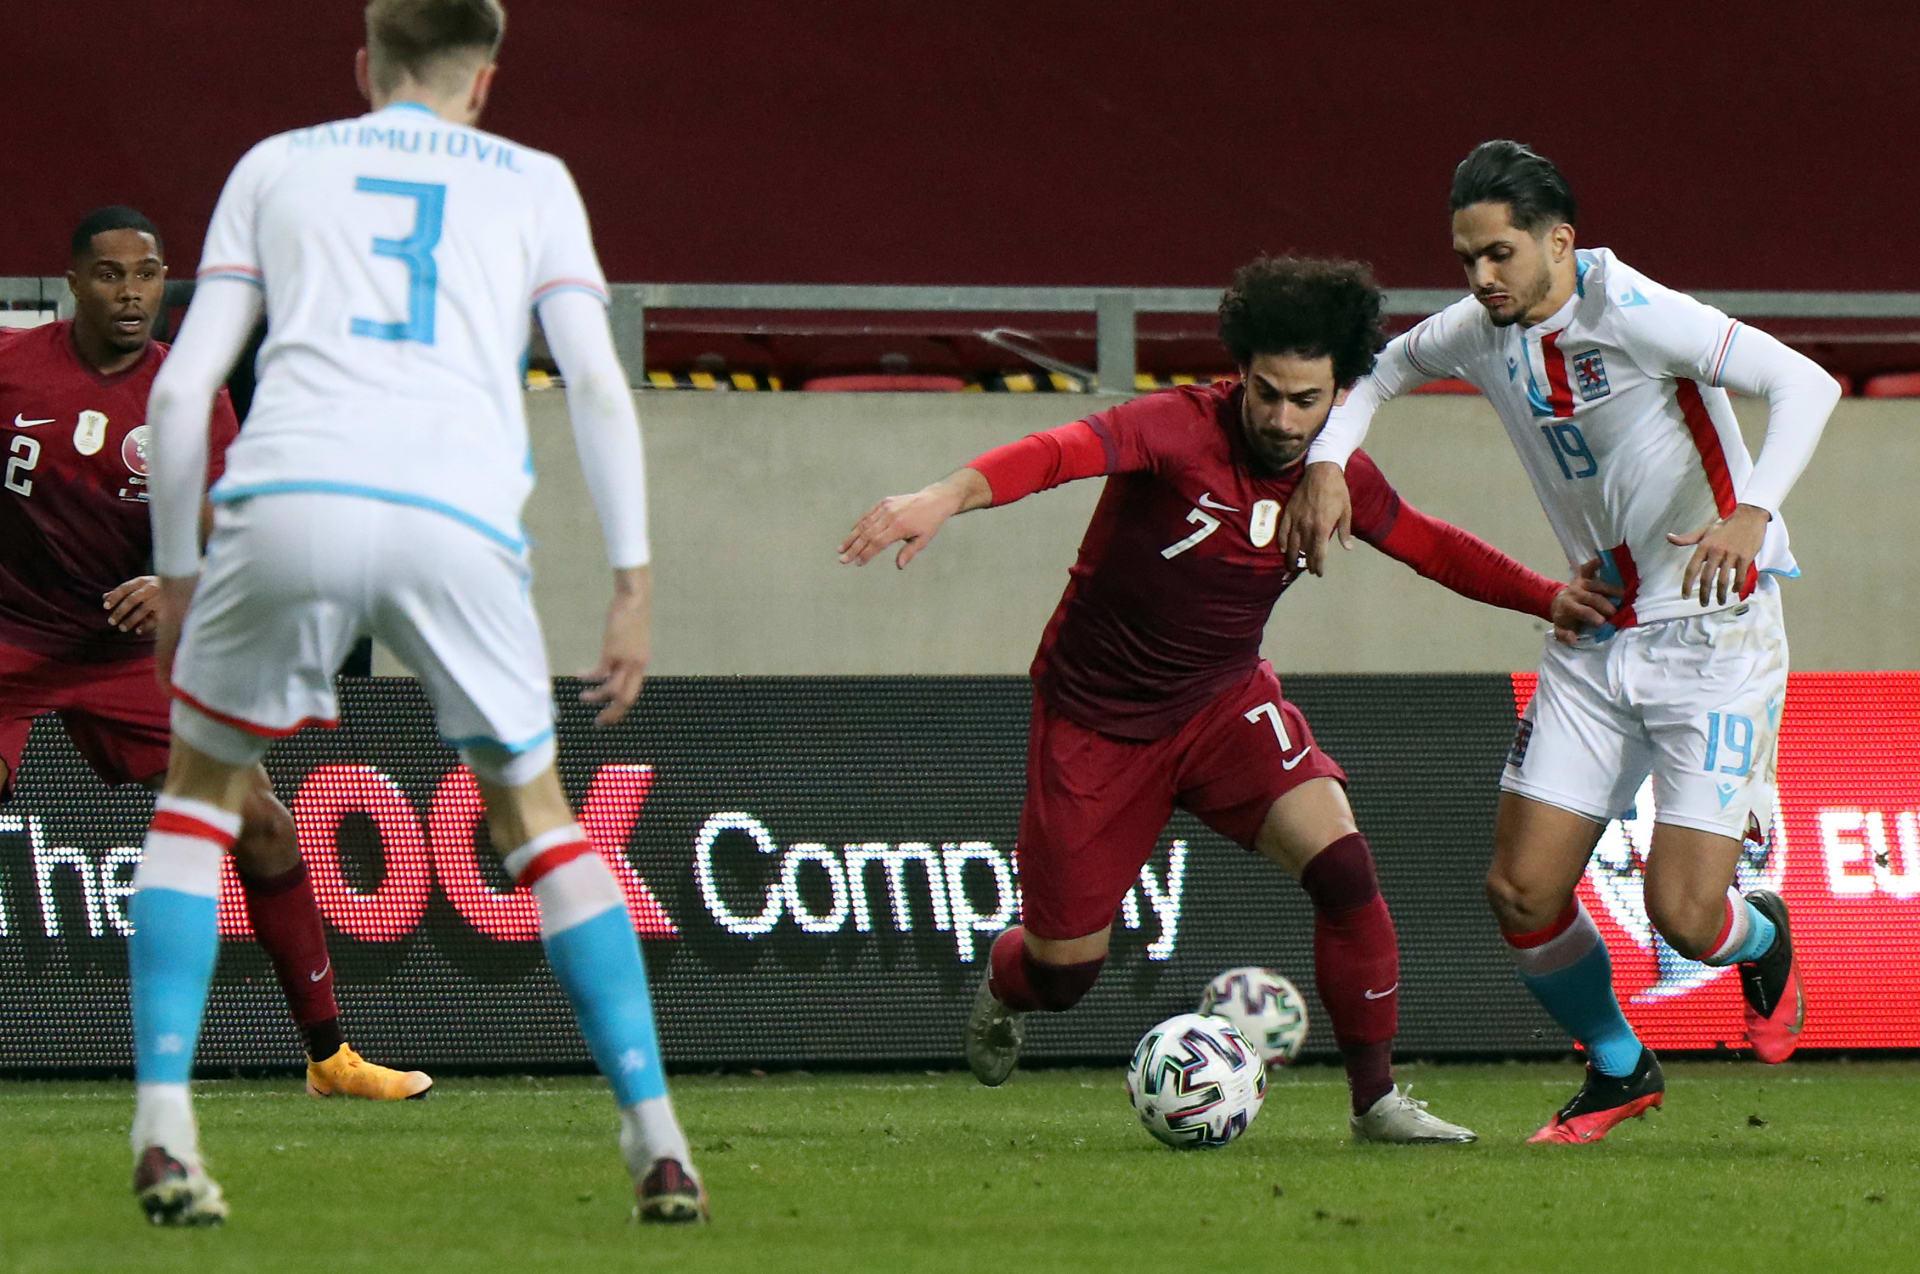 منتخب قطر يفوز على لوكسمبورغ بهدف دون رد في التصفيات الأوروبية لكأس العالم